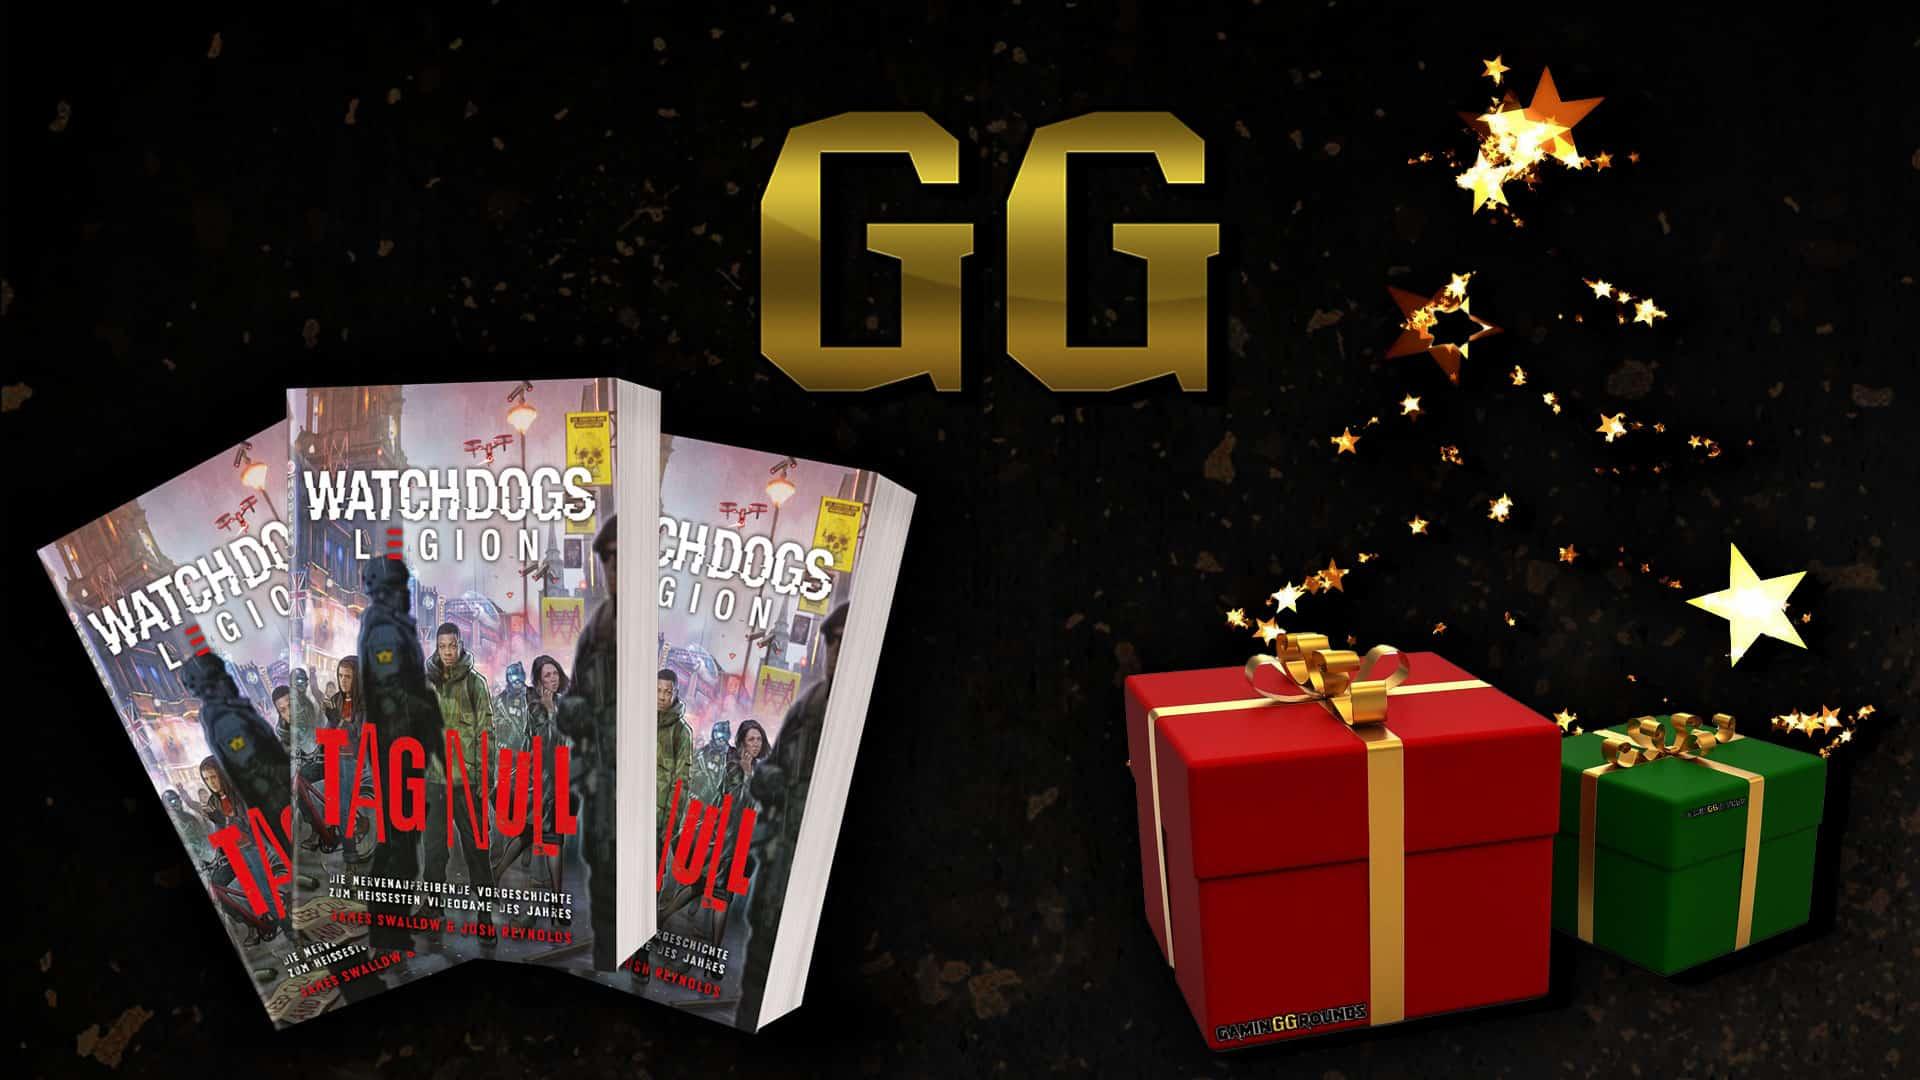 GG Geschenke Watch Dogs Roman Gewinnspiel babt v2